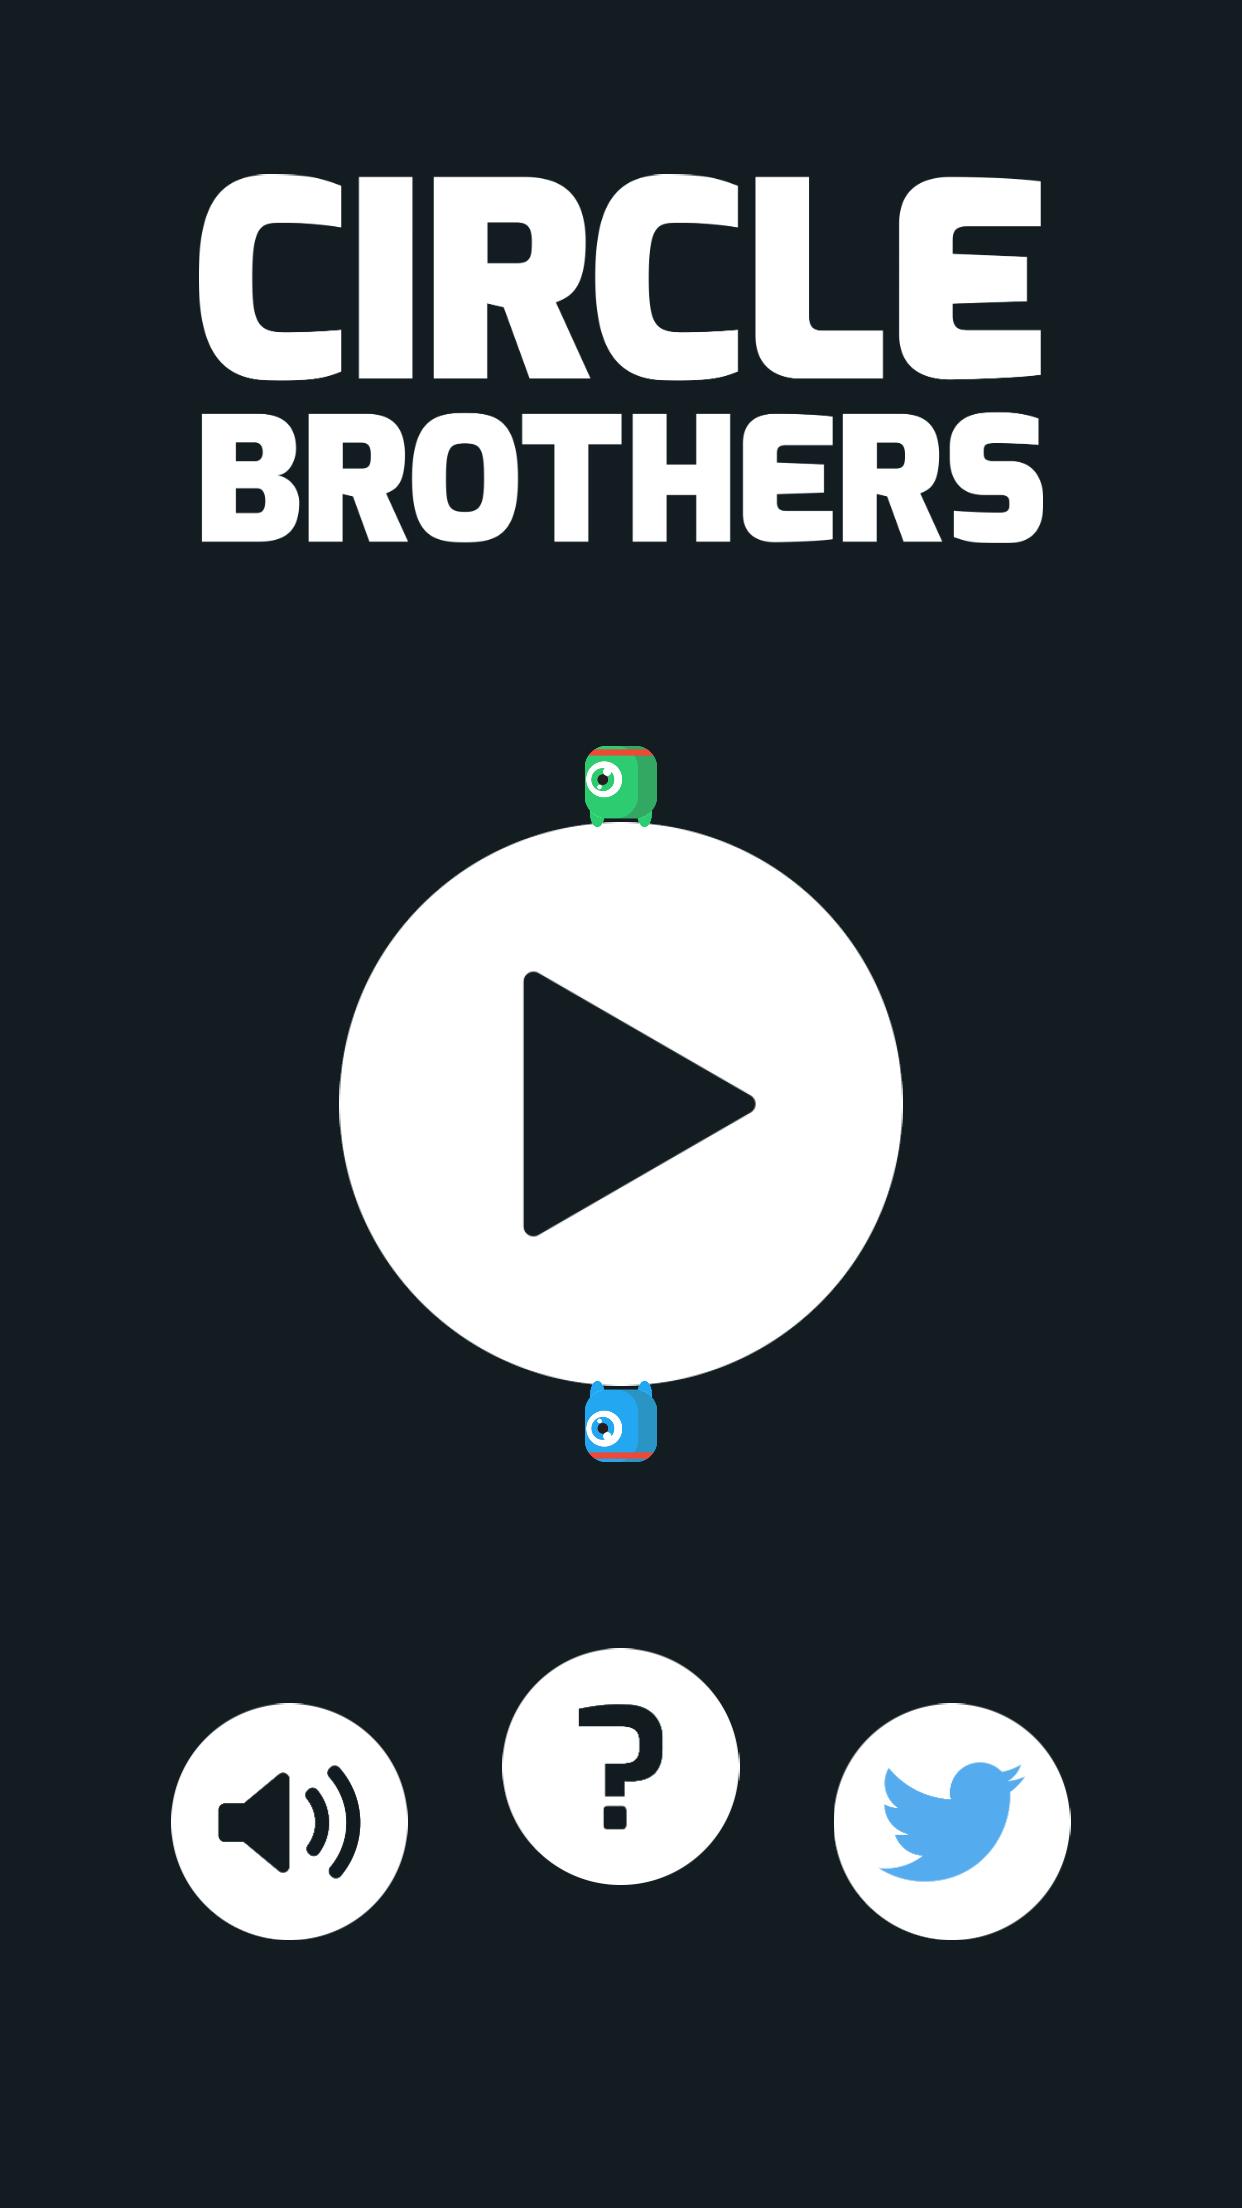 Circle Brothers